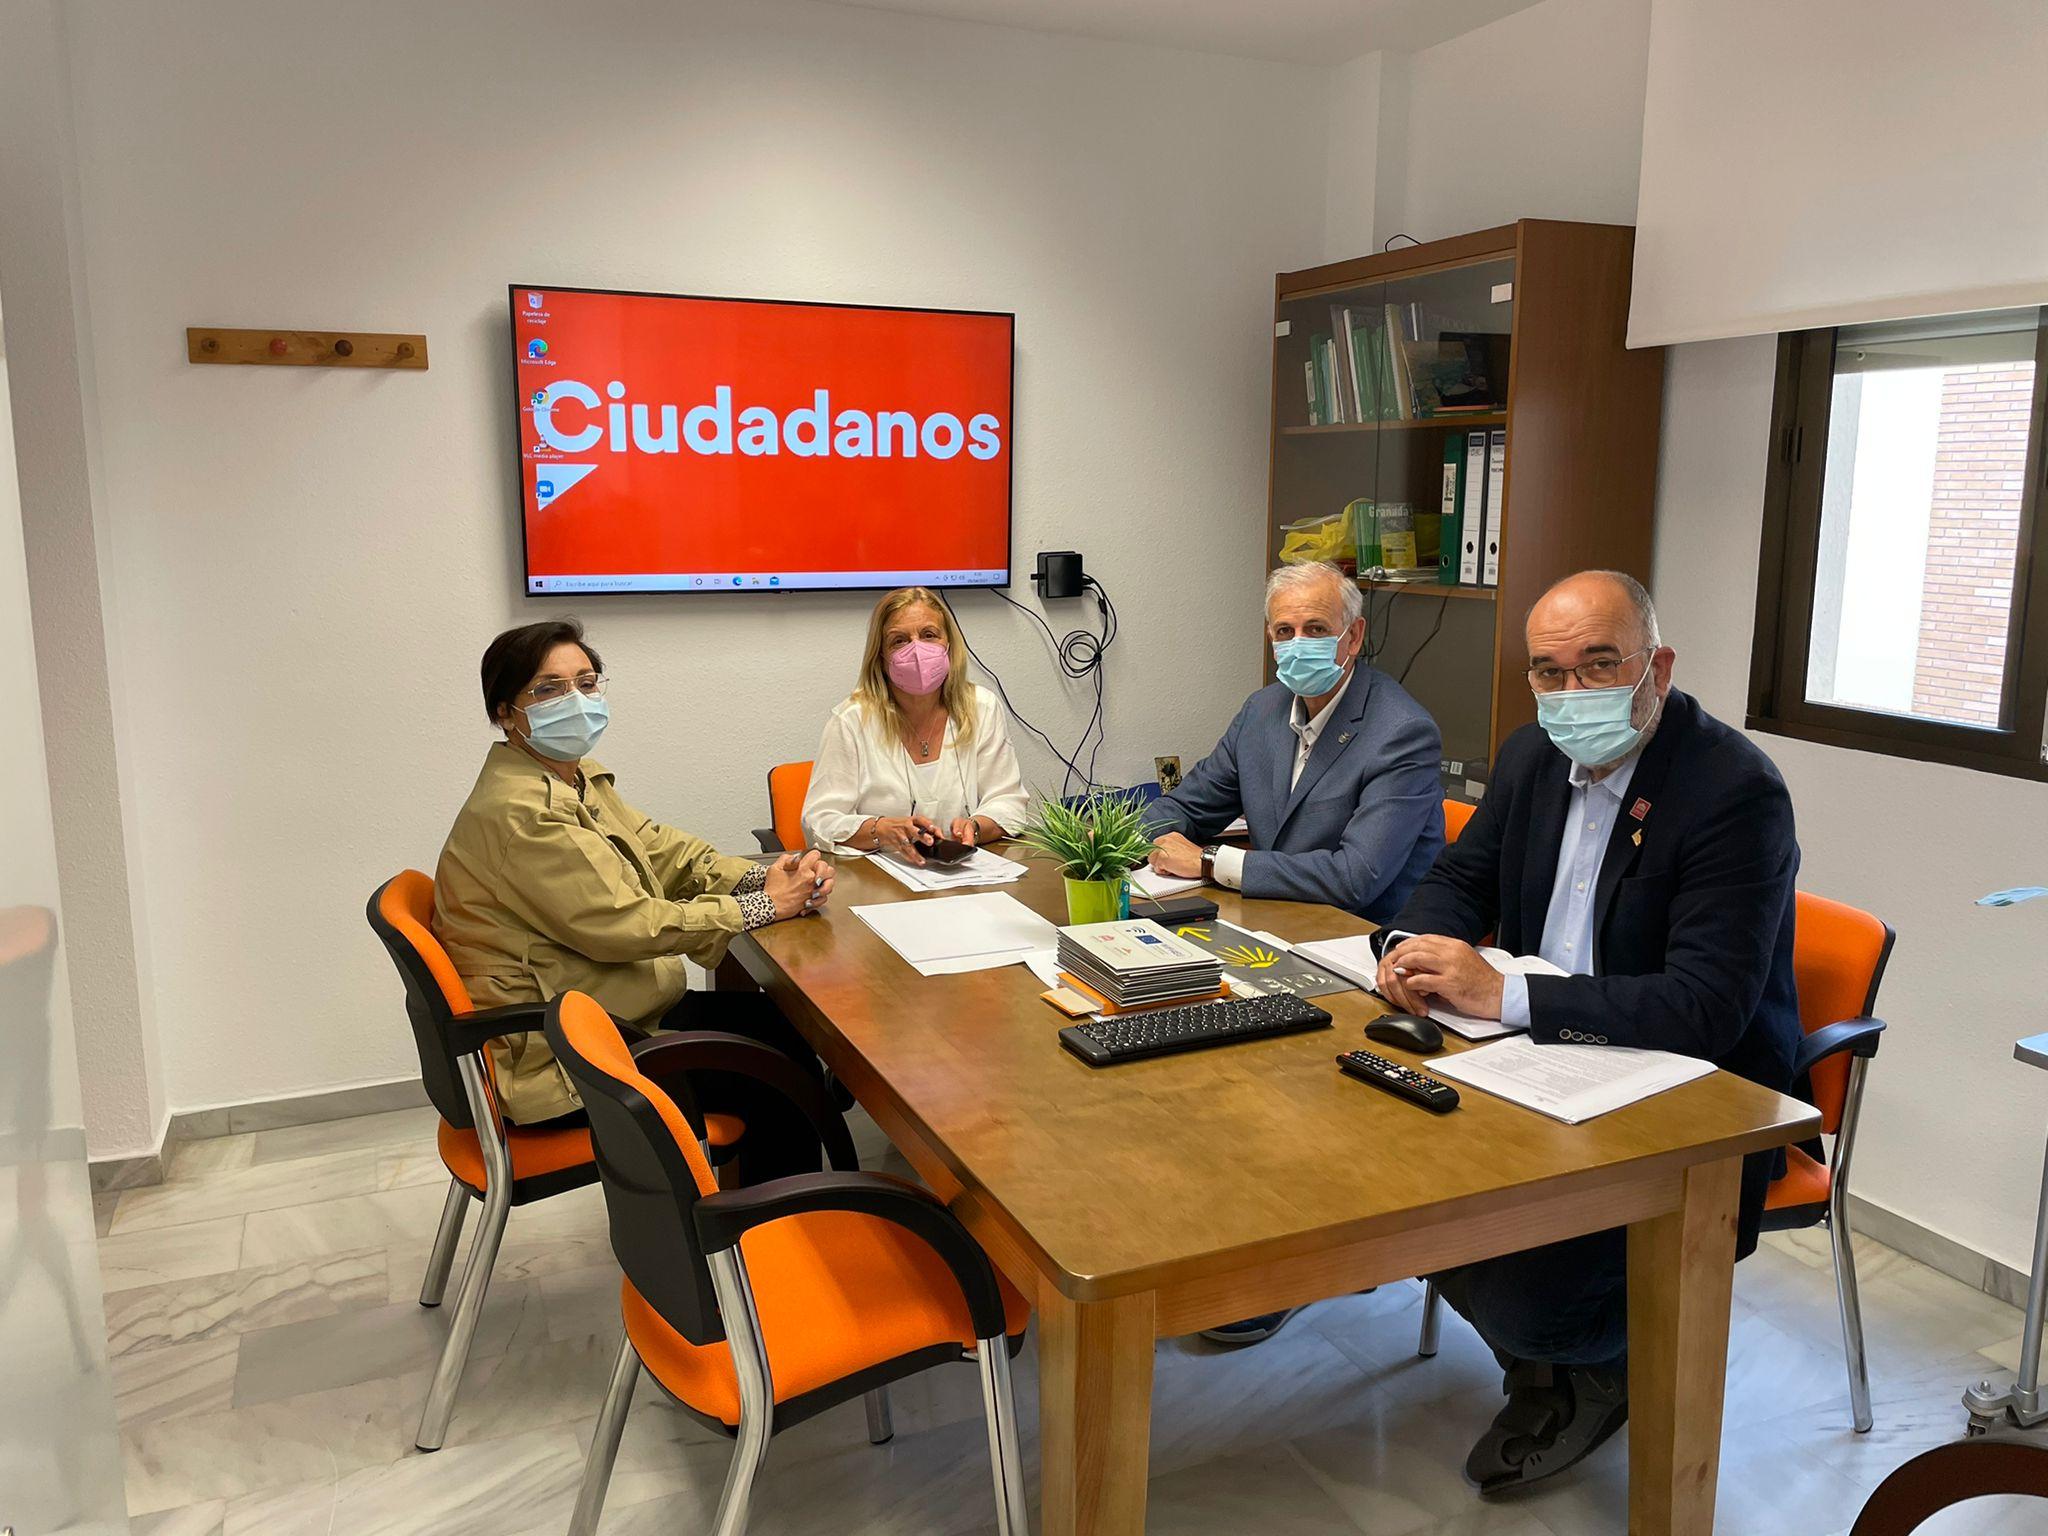 """Ciudadanos alaba al Gobierno andaluz por apostar por Albolote con la demandada ampliación del Centro de Salud"""""""